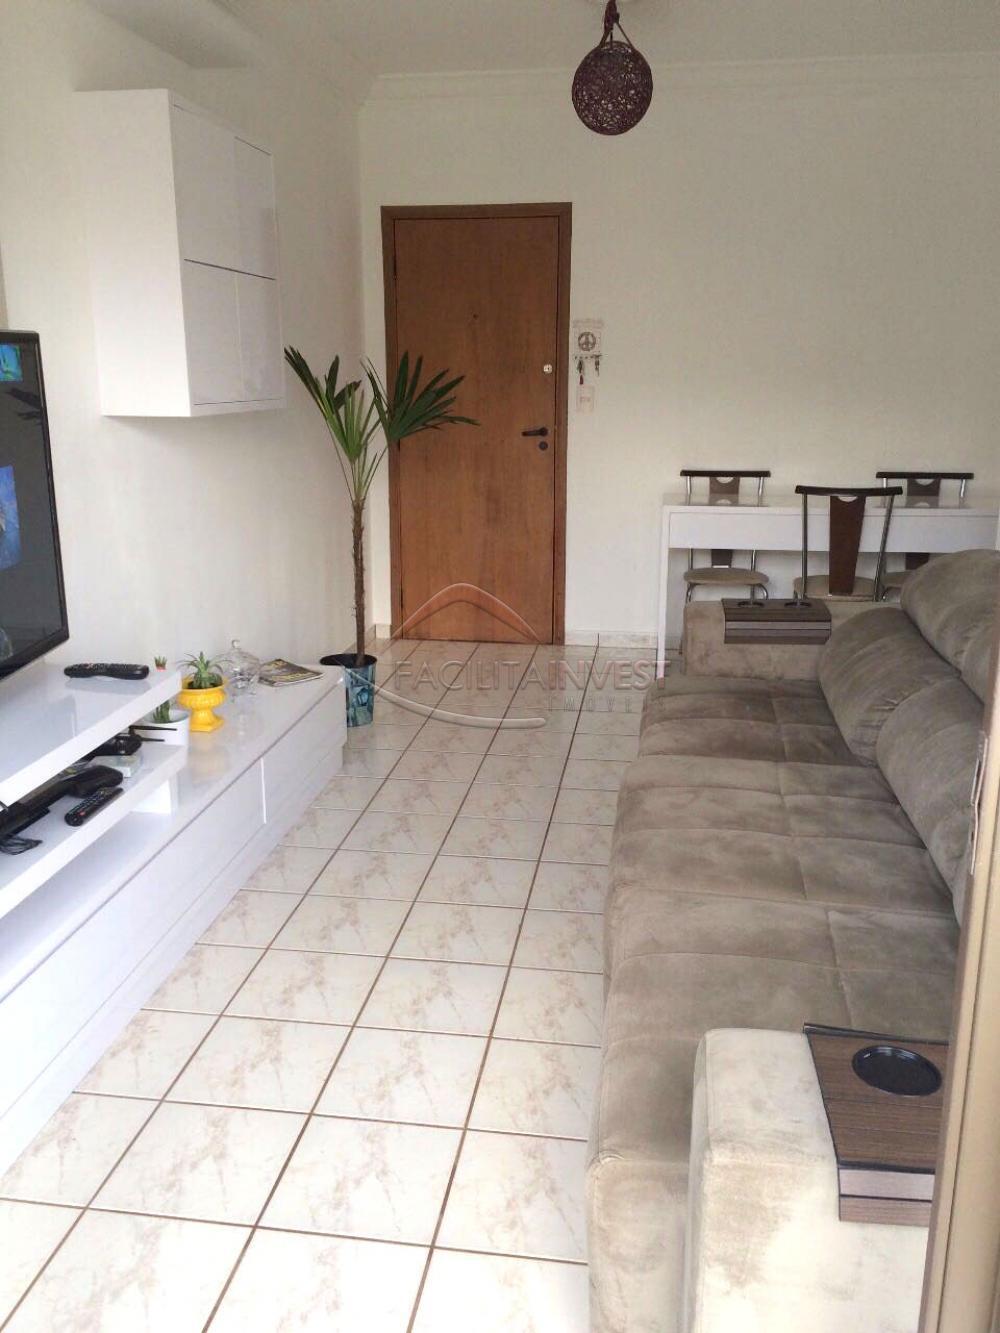 Comprar Apartamentos / Apart. Padrão em Ribeirão Preto apenas R$ 230.000,00 - Foto 3